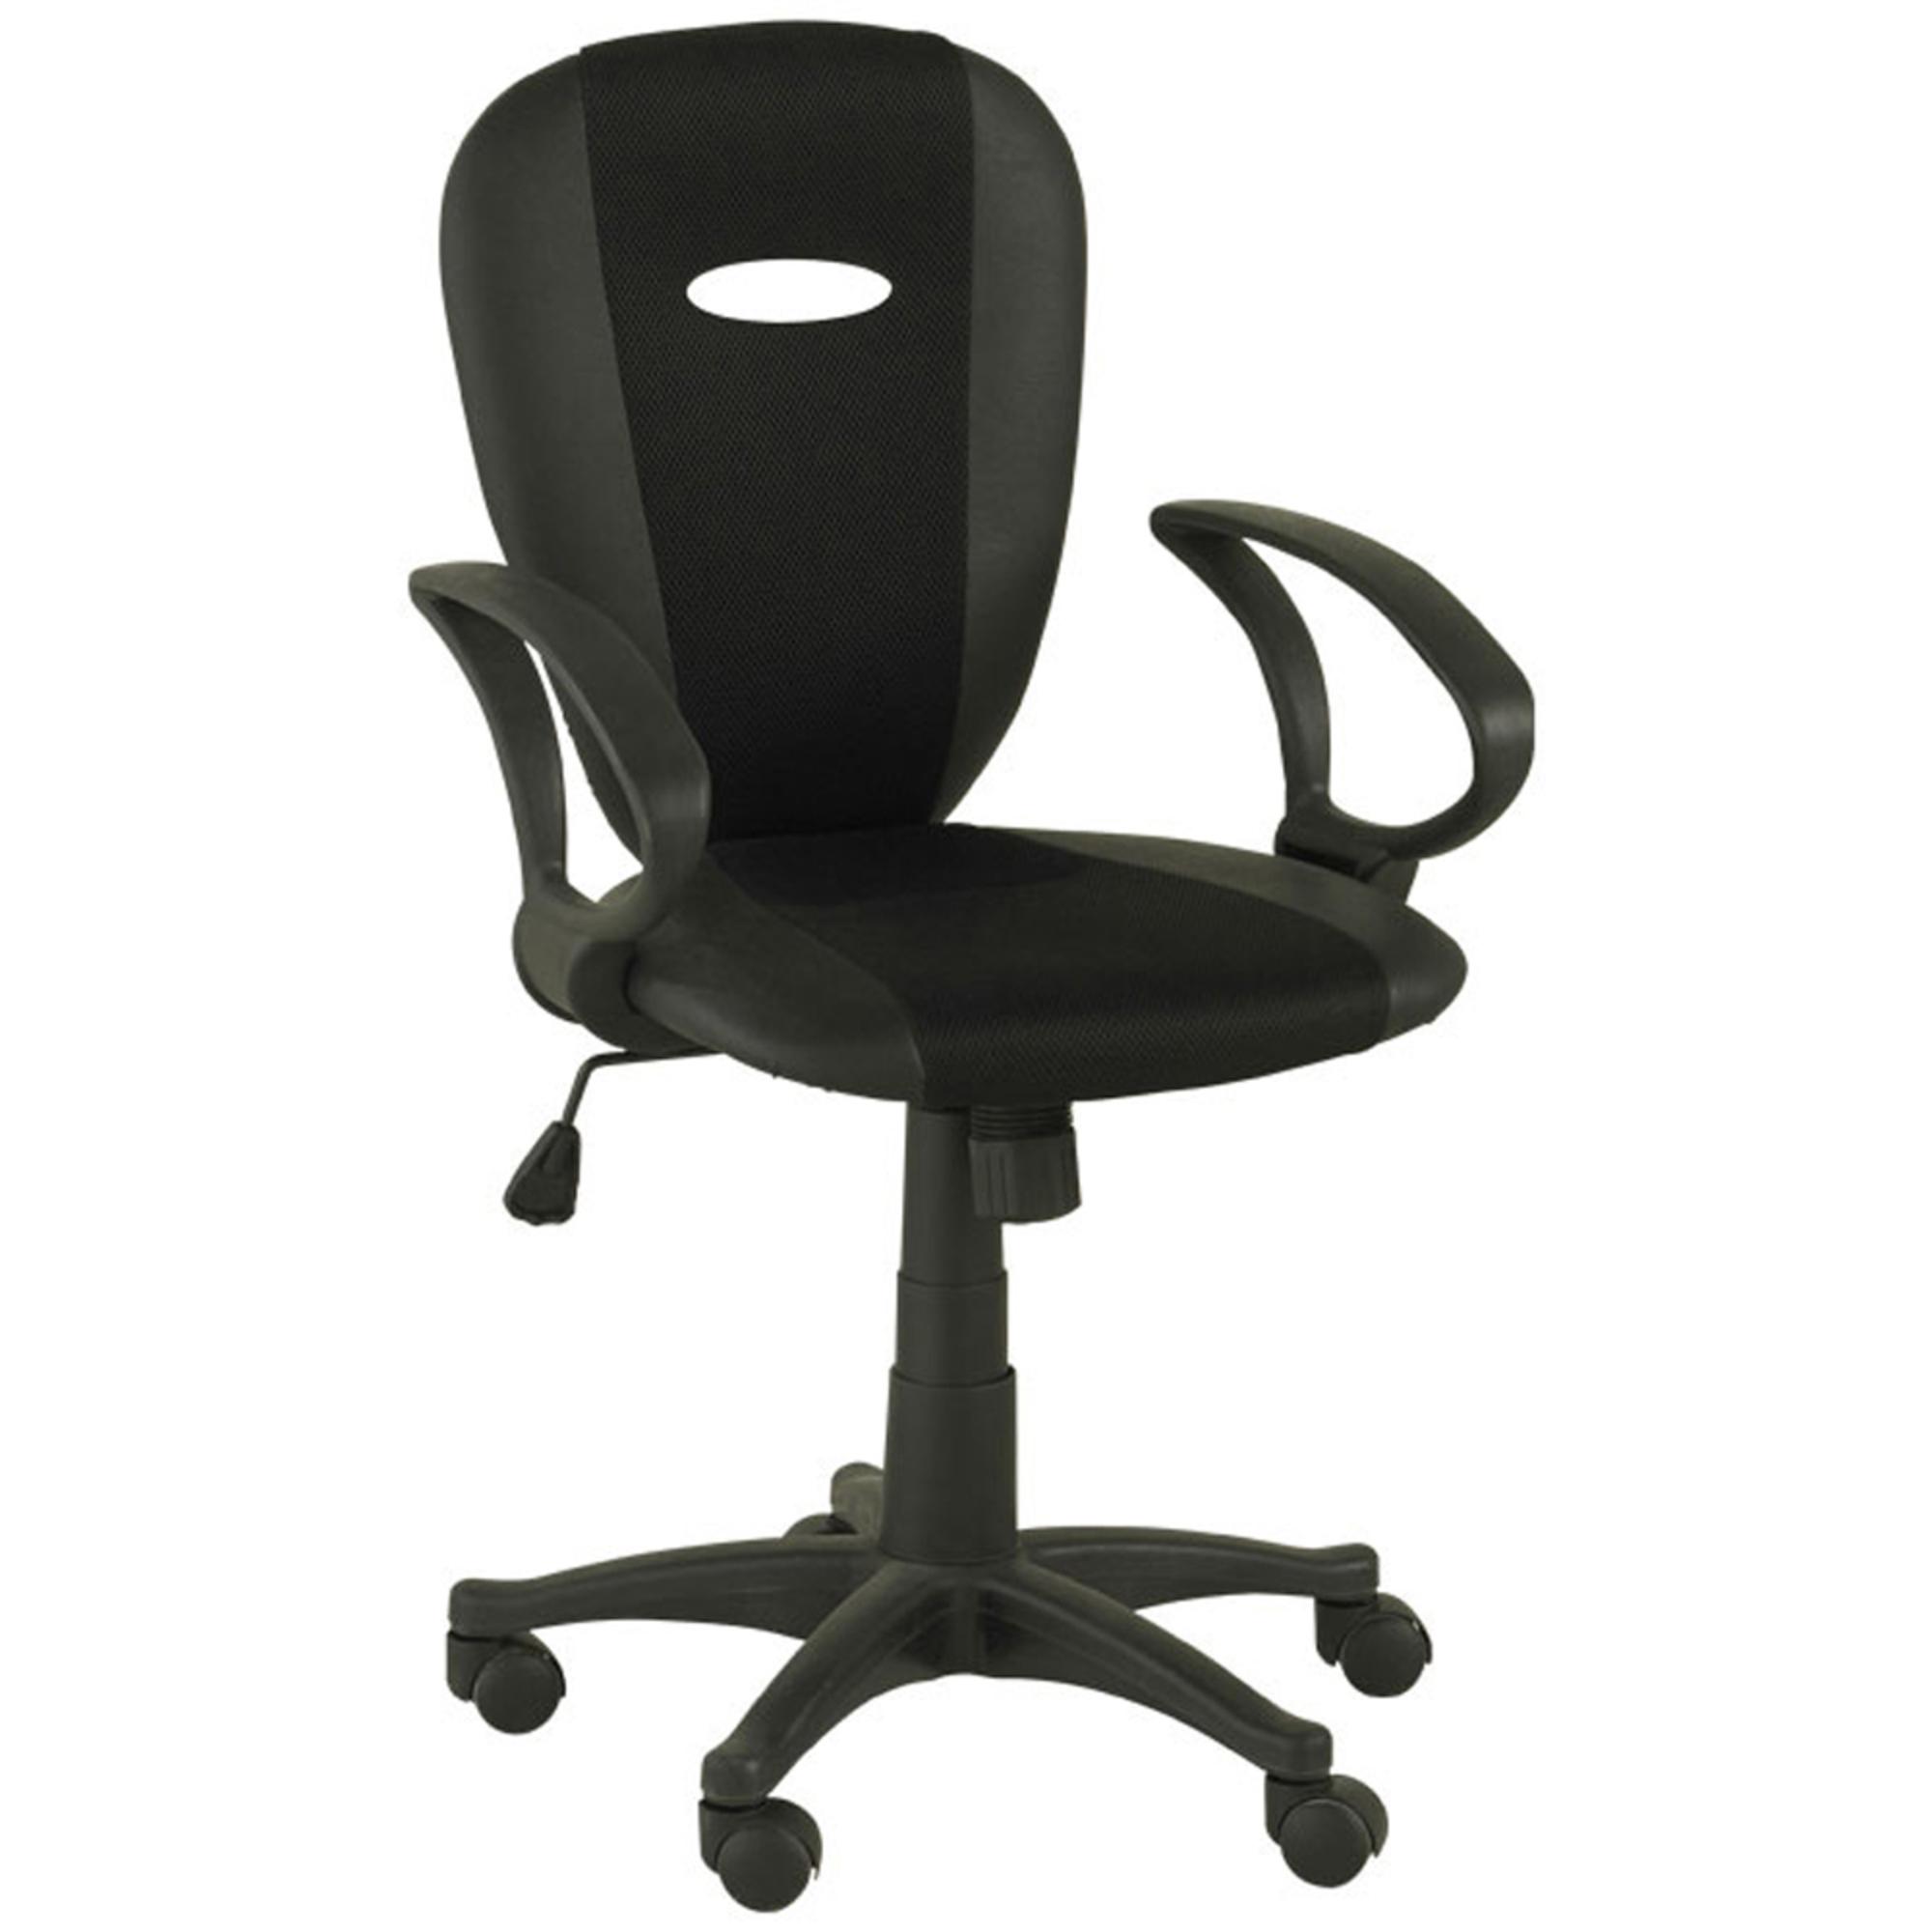 Chaise de bureau marissa noir frais de traitement de for Bureau commande